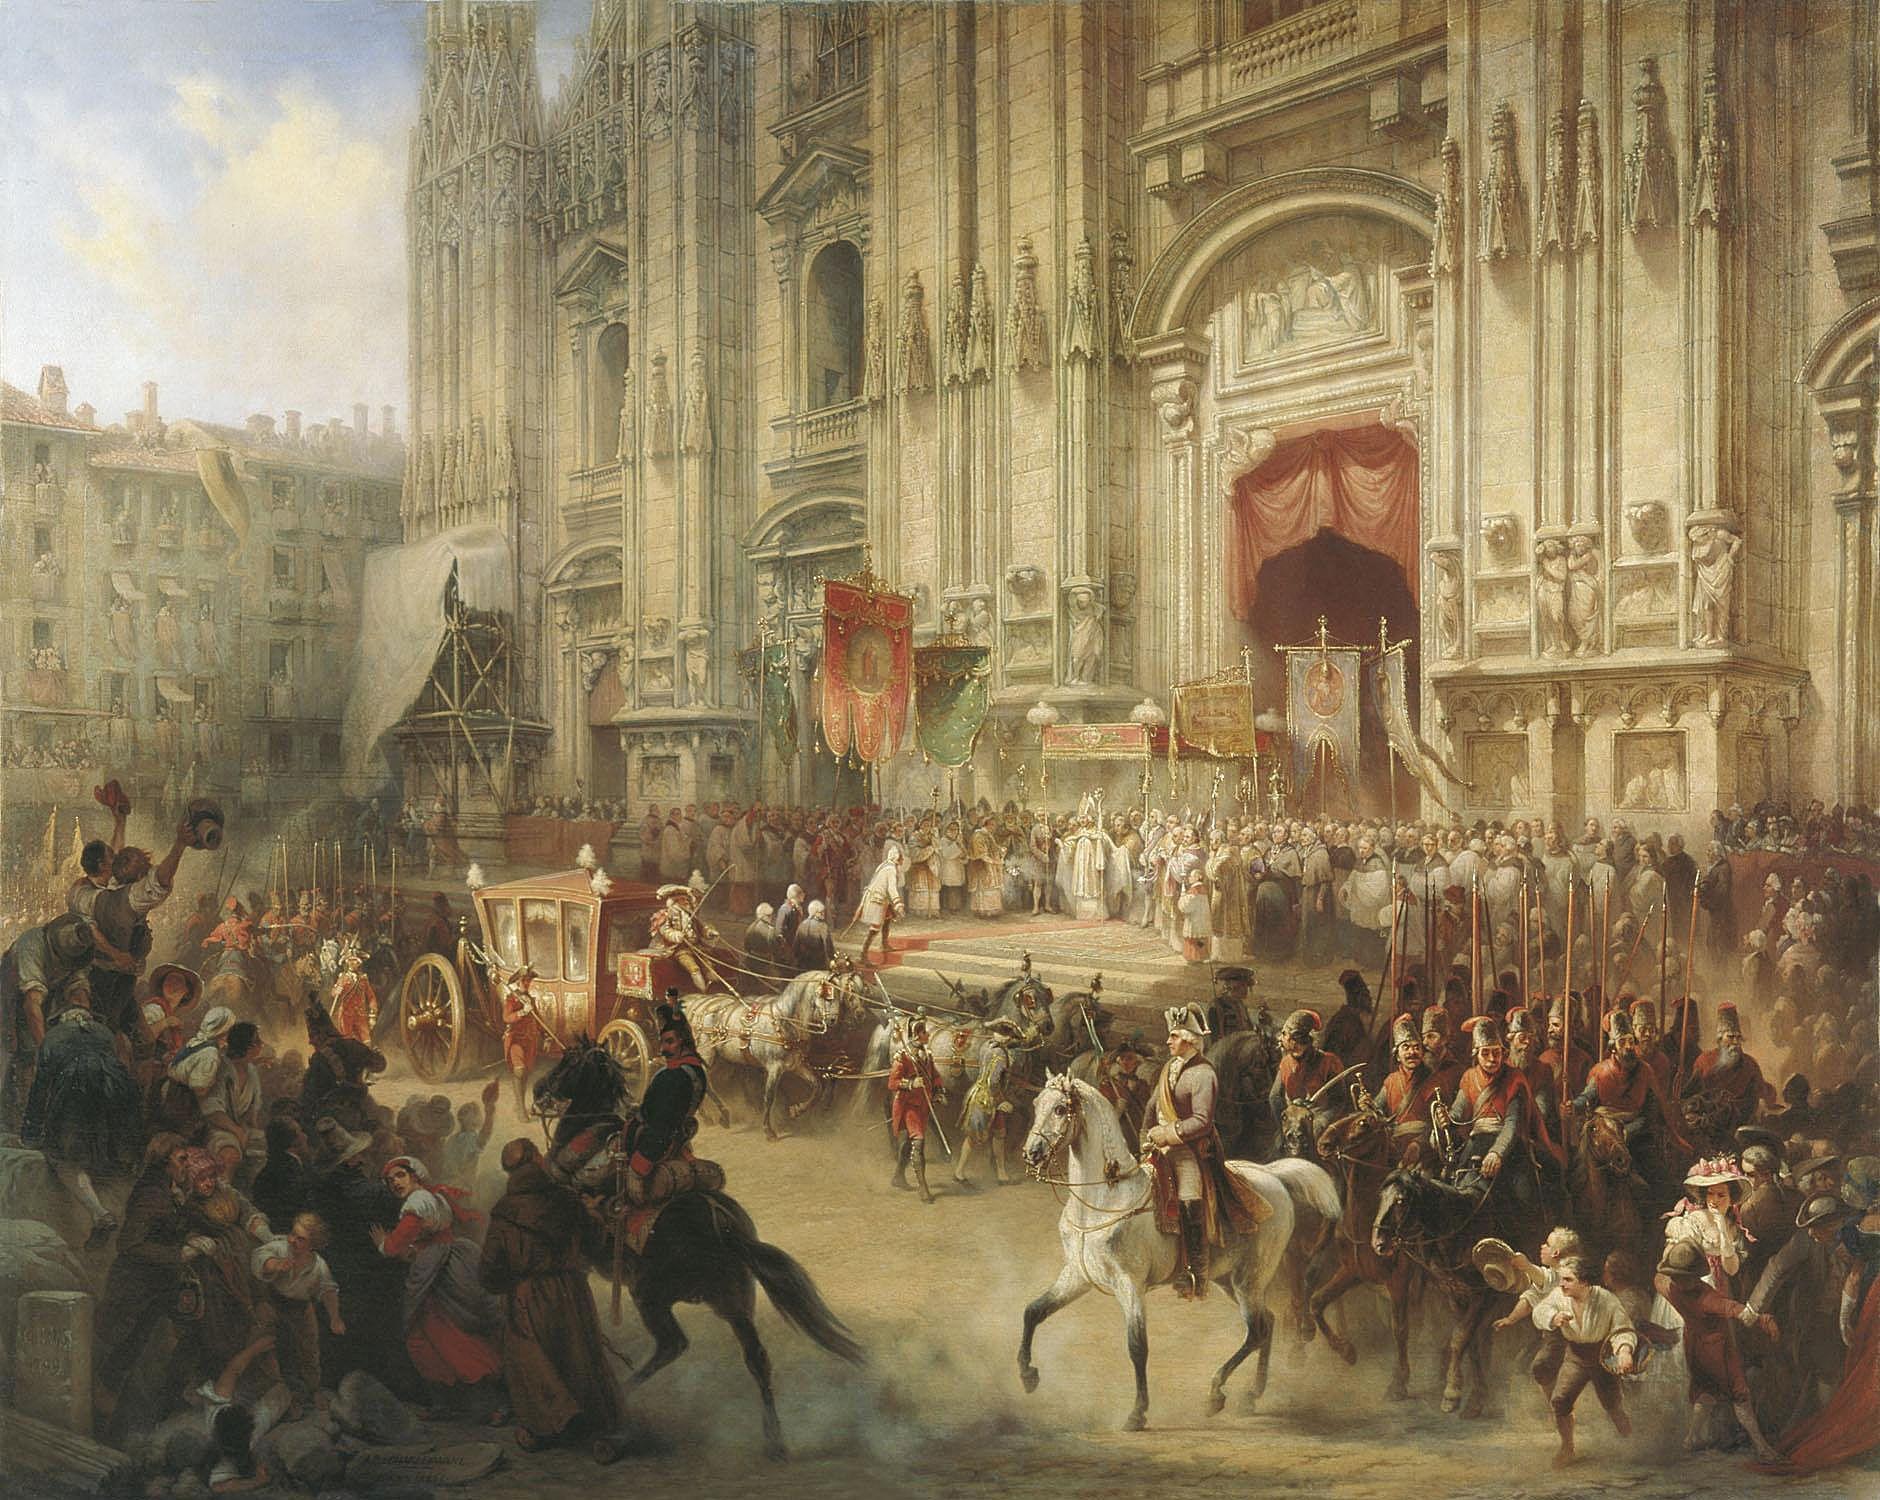 Адольф Шарлемань. Торжественная встреча А. В. Суворова в Милане 18 апреля 1799 года. 1858